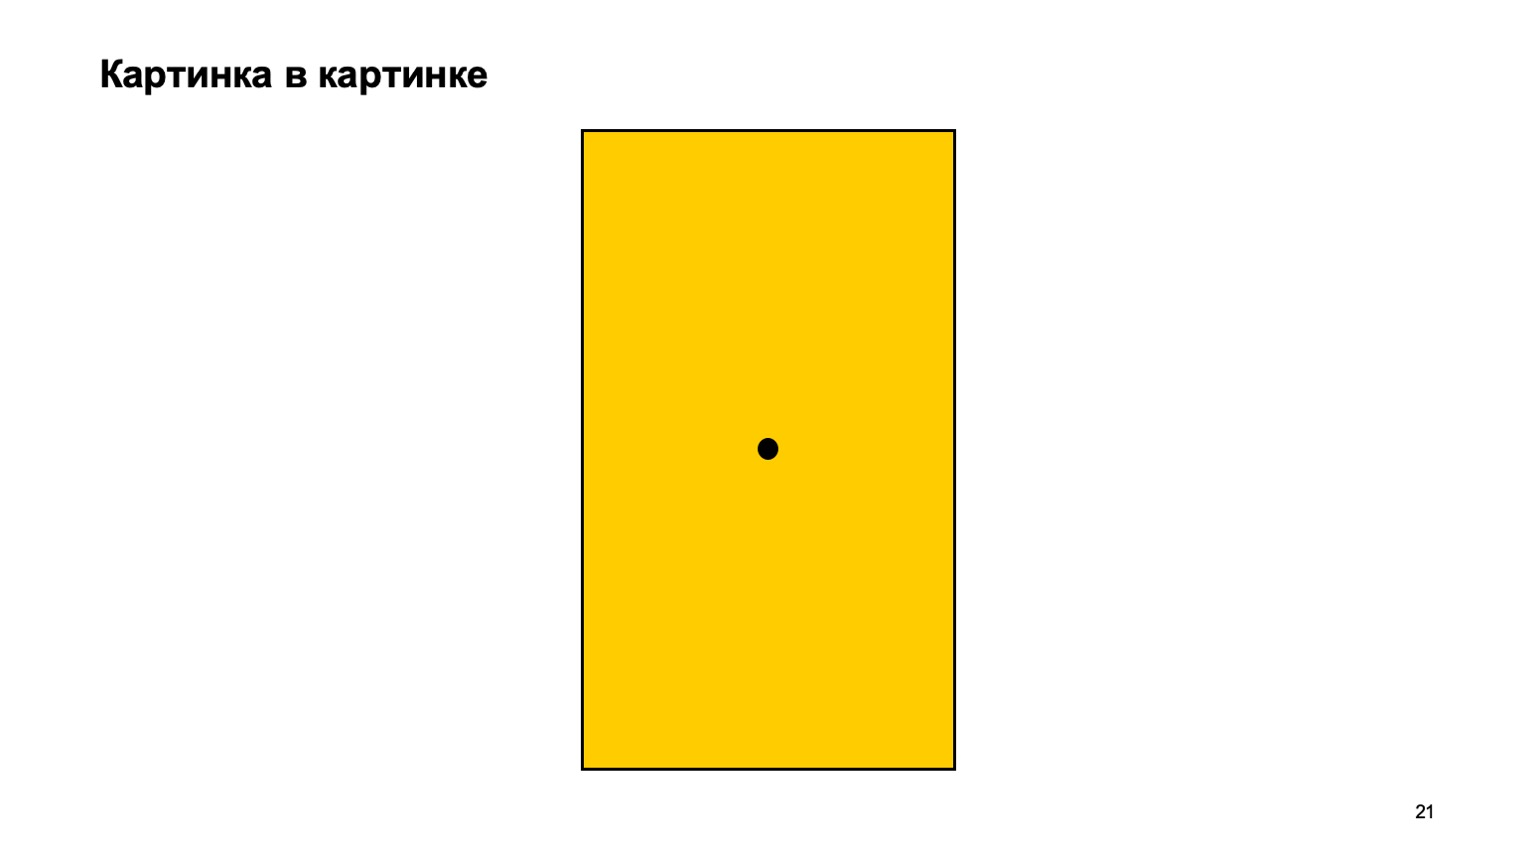 Мобильная разработка — это просто и скучно? Доклад Яндекса - 21